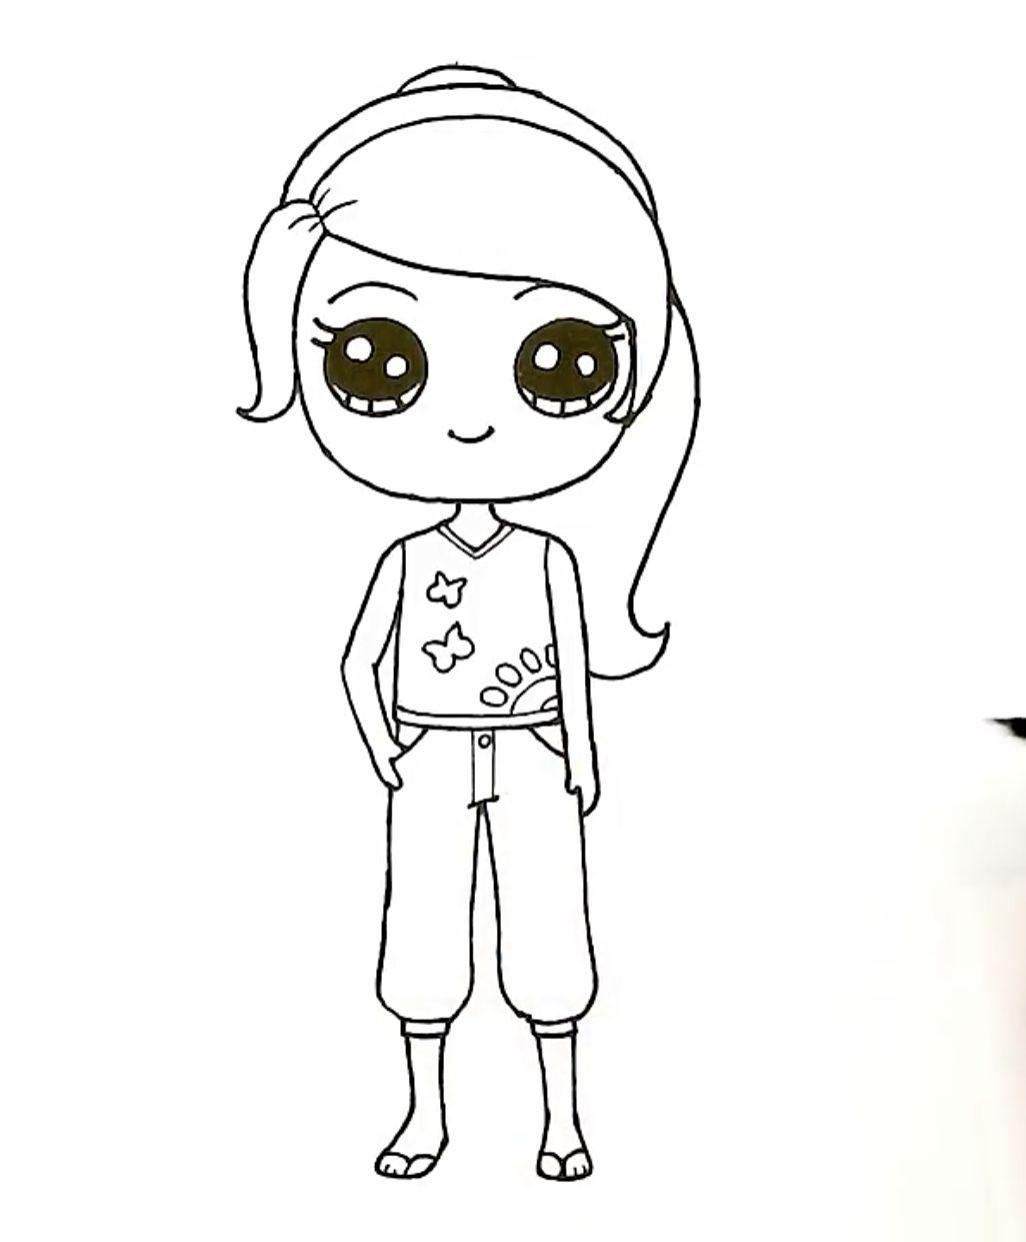 Pin De Mariia Luiiza Em Desenhos Desenhos Kawaii Desenhos